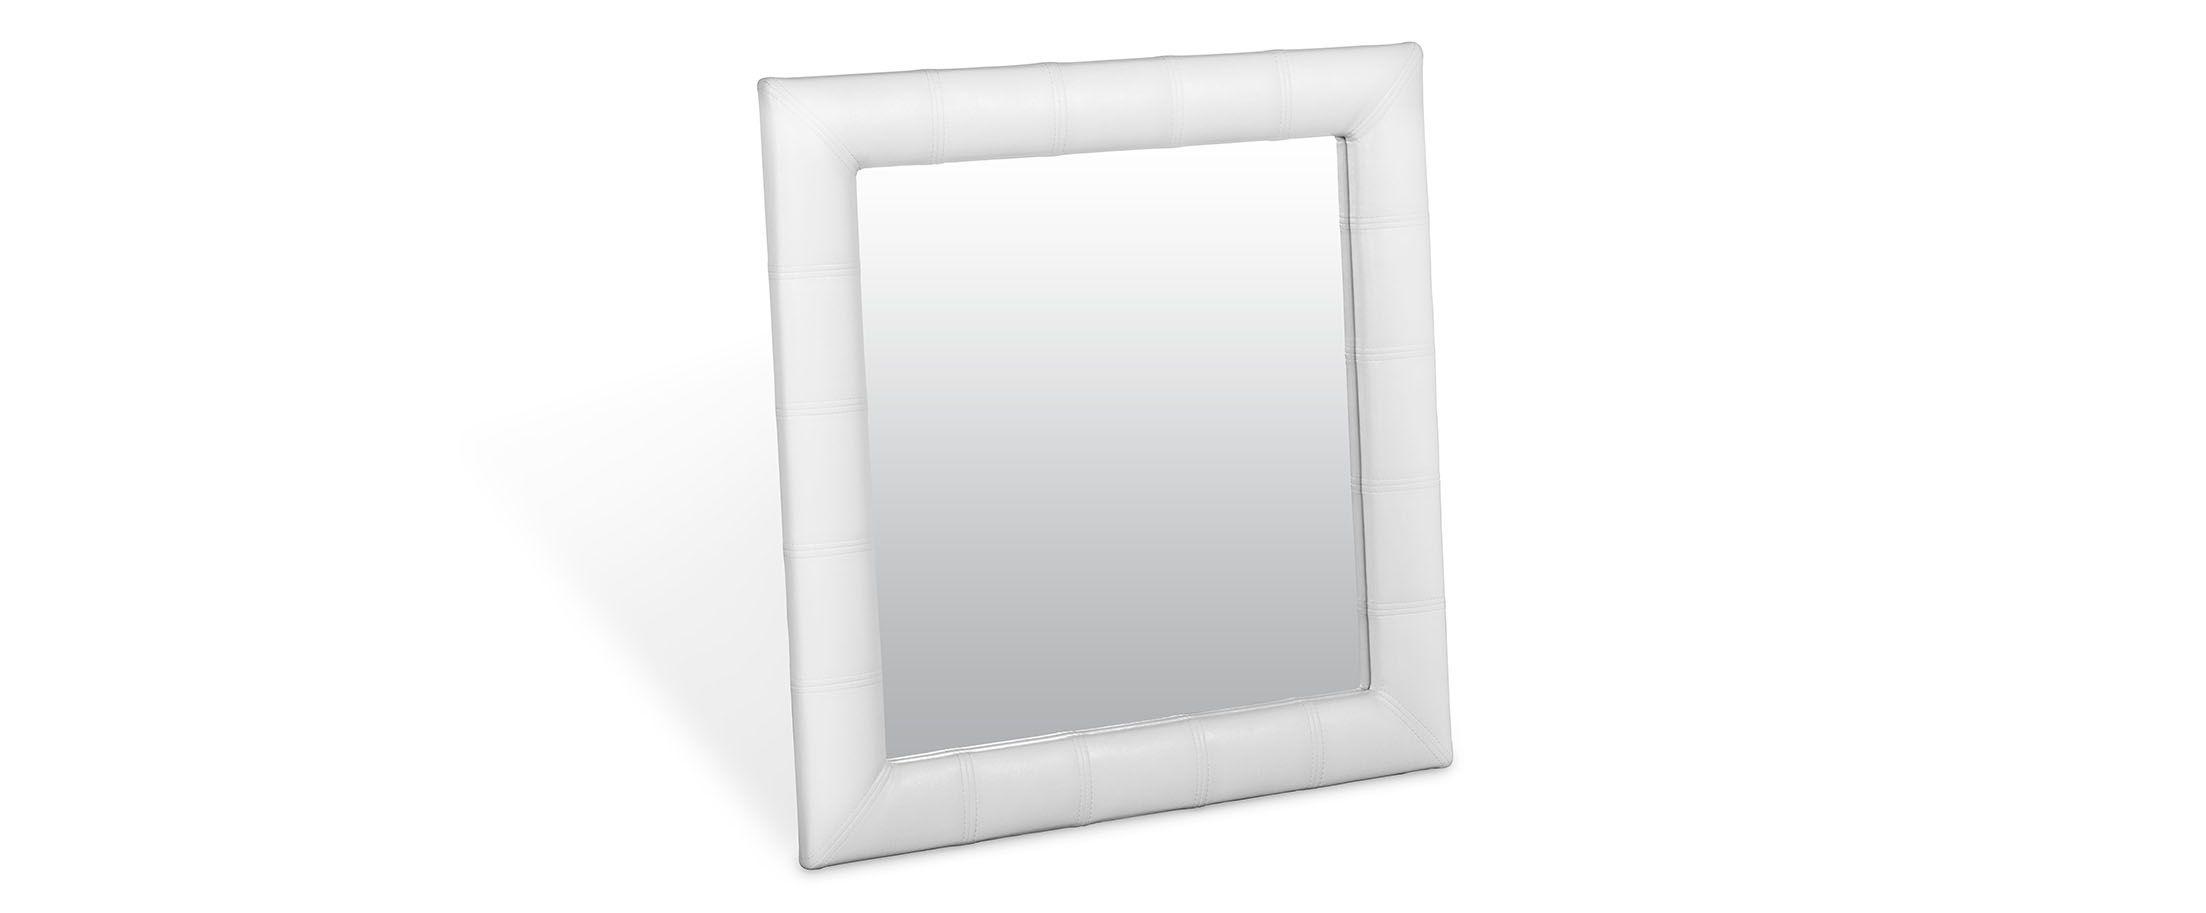 Зеркало Кааба квадратное марципанЗеркало навесное в спальню. Обивка из экокожи. Артикул: К000480<br><br>Ширина см: 86<br>Глубина см: 4<br>Высота см: 86<br>Цвет: Белый